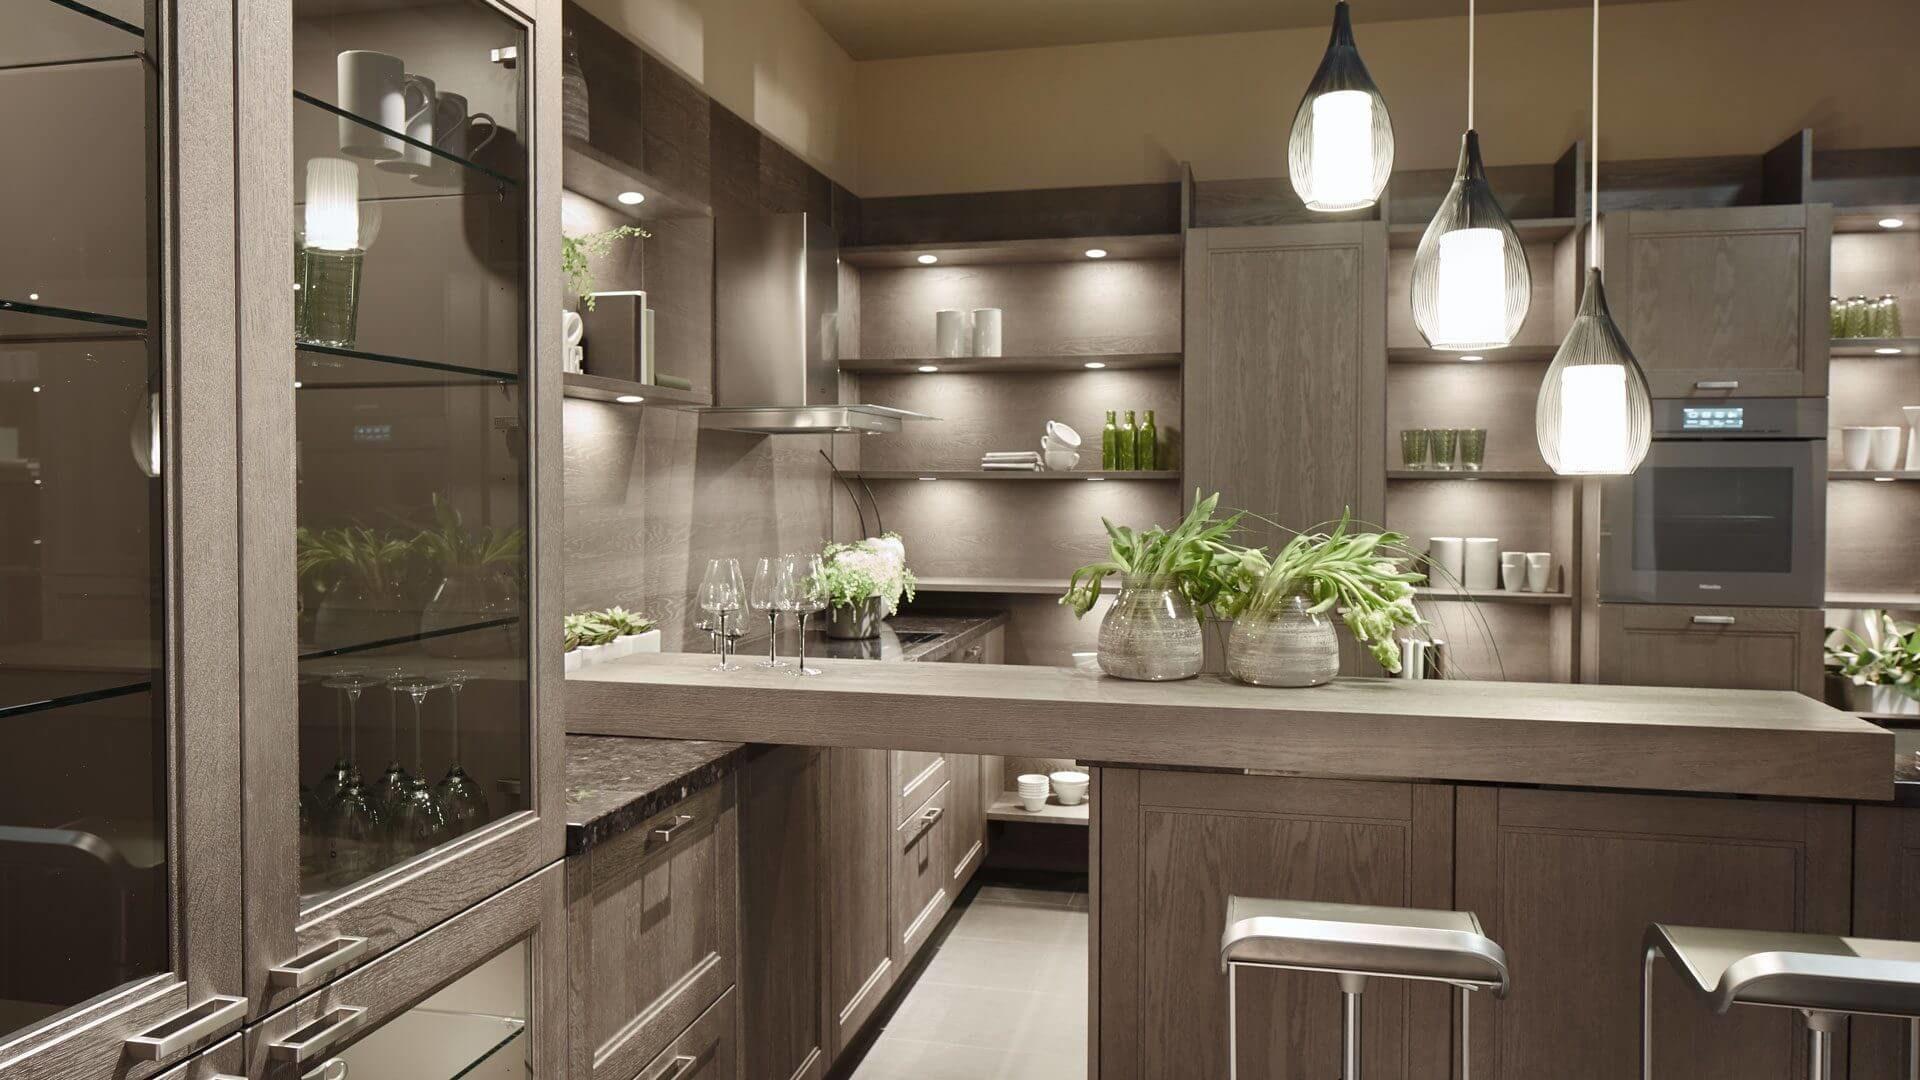 Landhausküchen ➦ moderne Trends für charmantes Landhausdesign